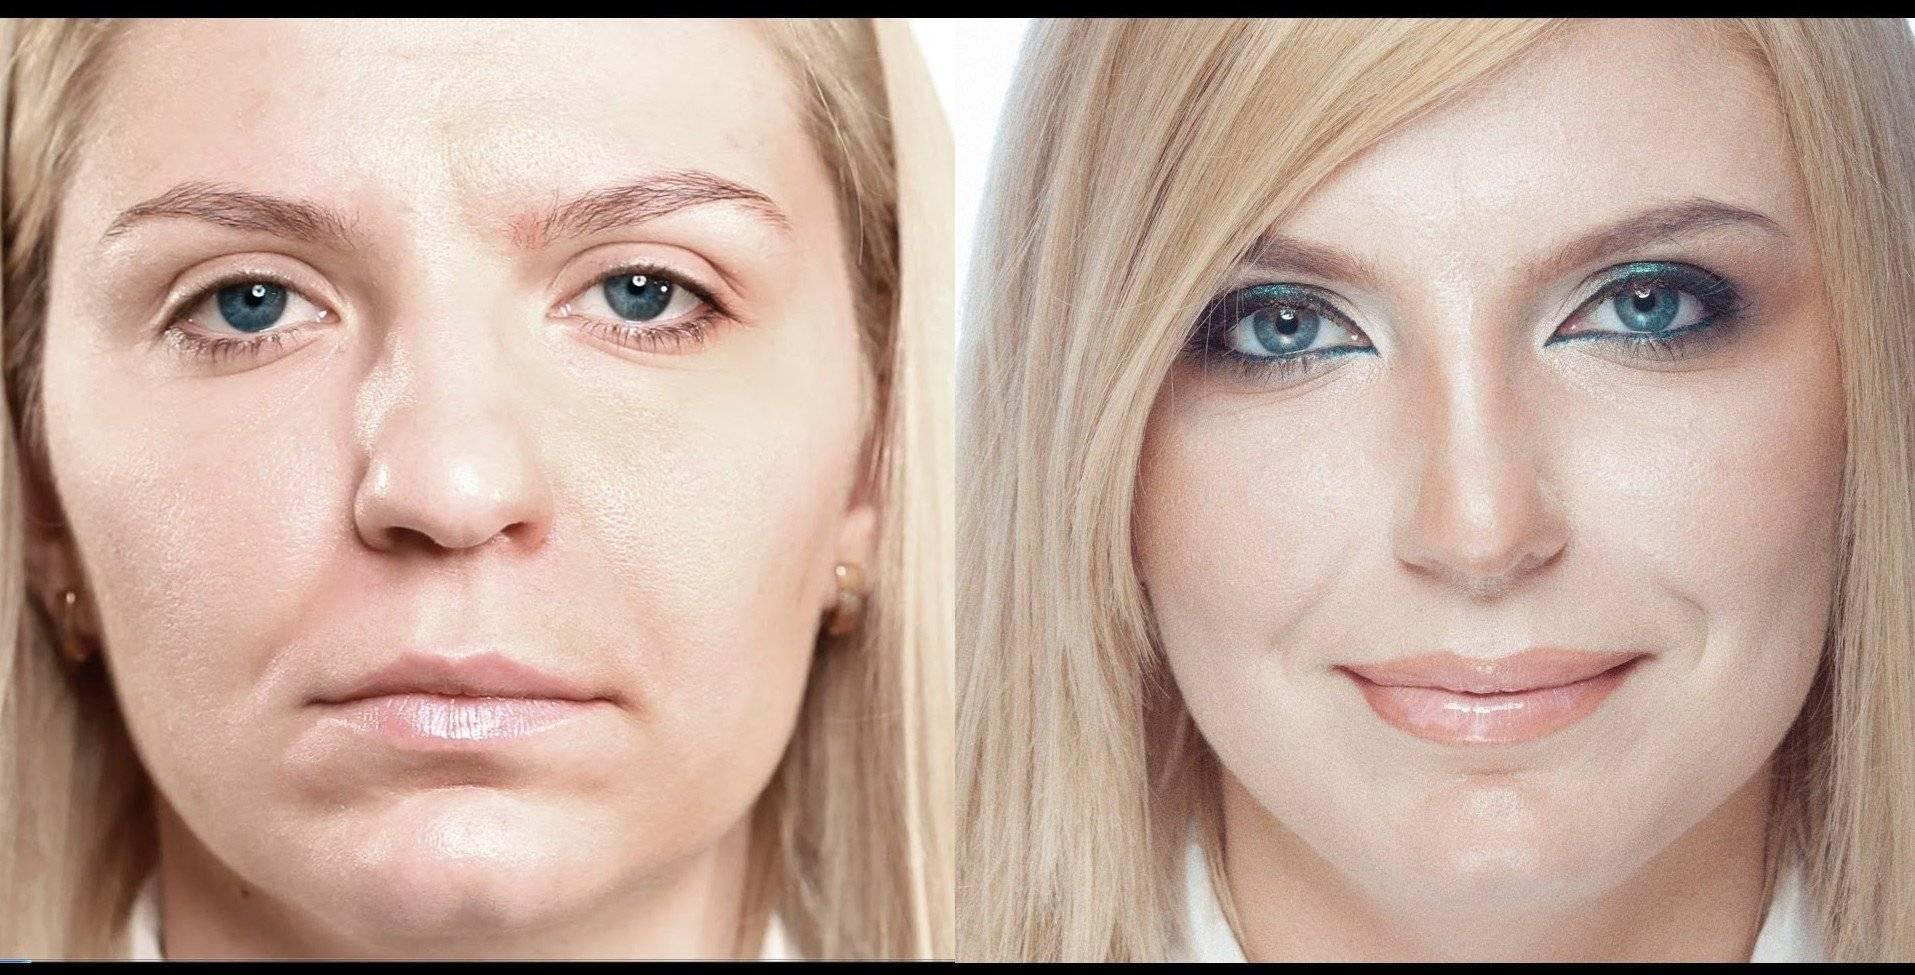 Уменьшить нос с помощью макияжа - советы по визуальной коррекции и нанесению макияжа - твое-личико